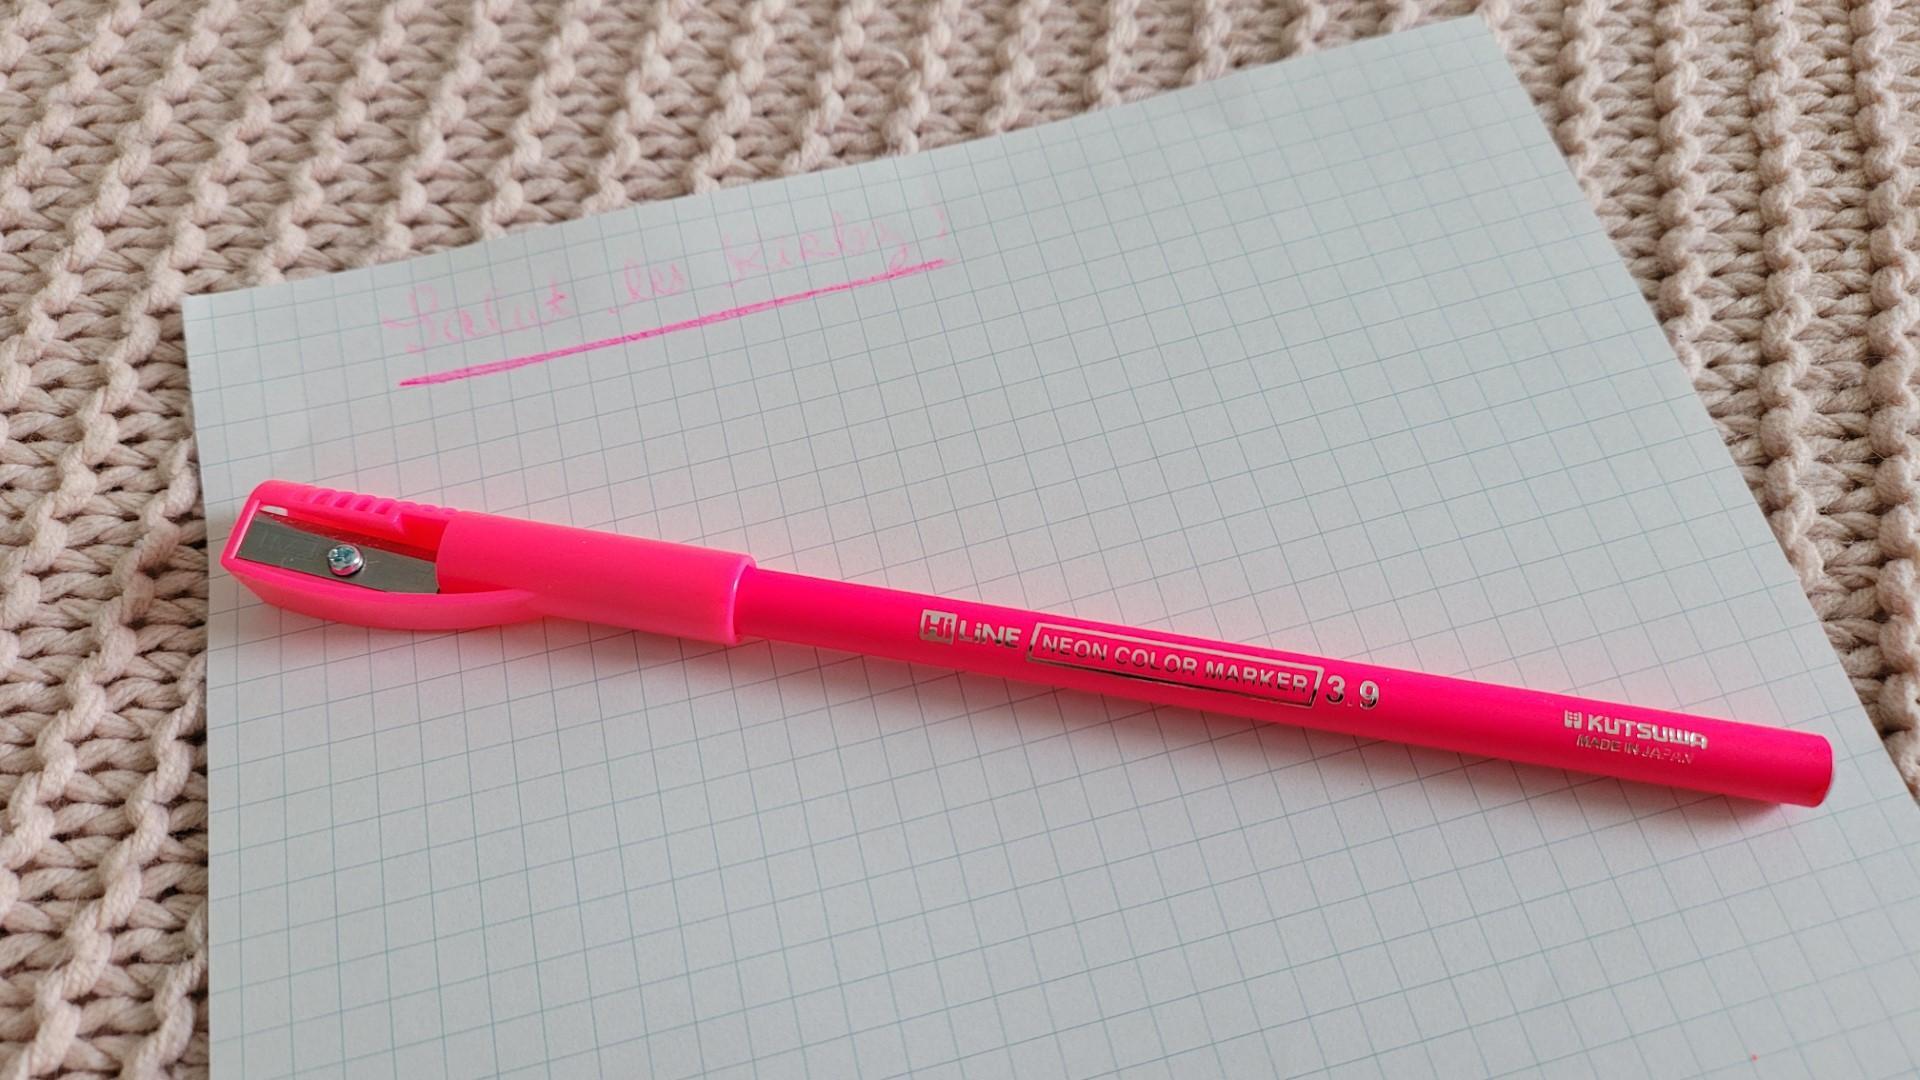 zenpop pack papeterie japonaise fevrier neon pastel crayon surligneur rose kutsuwa